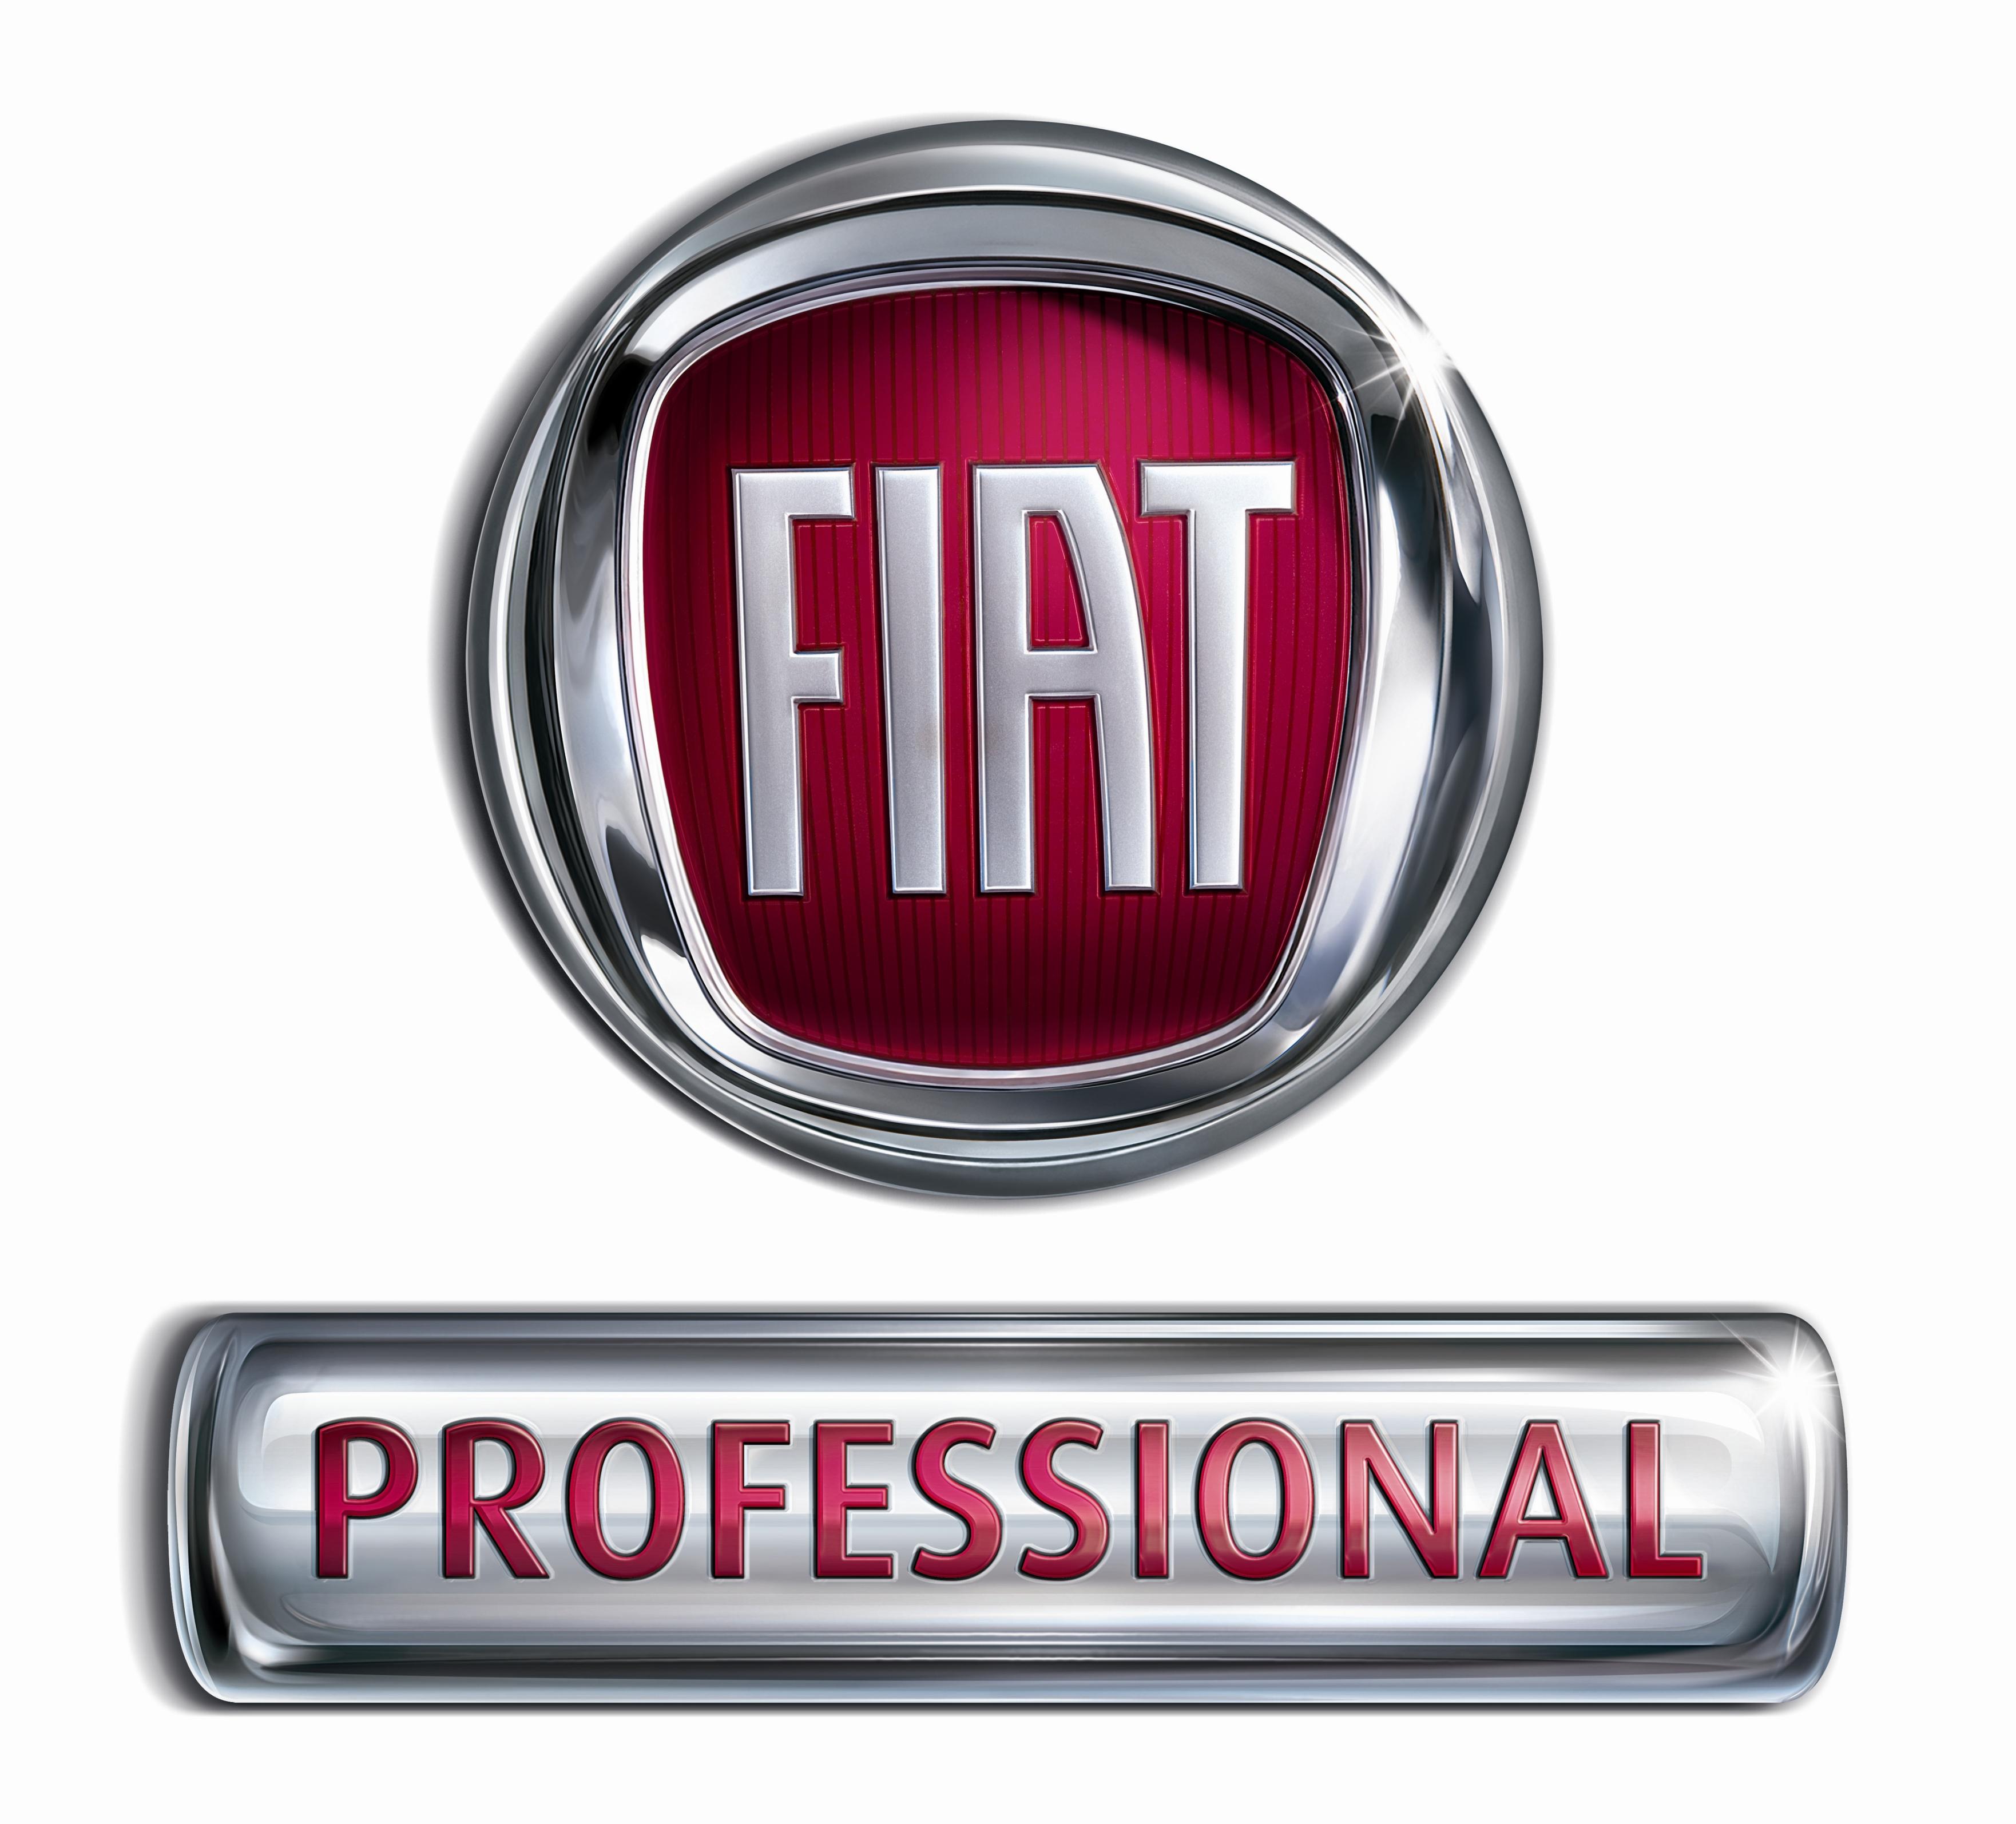 Neuer Markenname F 252 R Transporter Sparte Der Fiat Gruppe